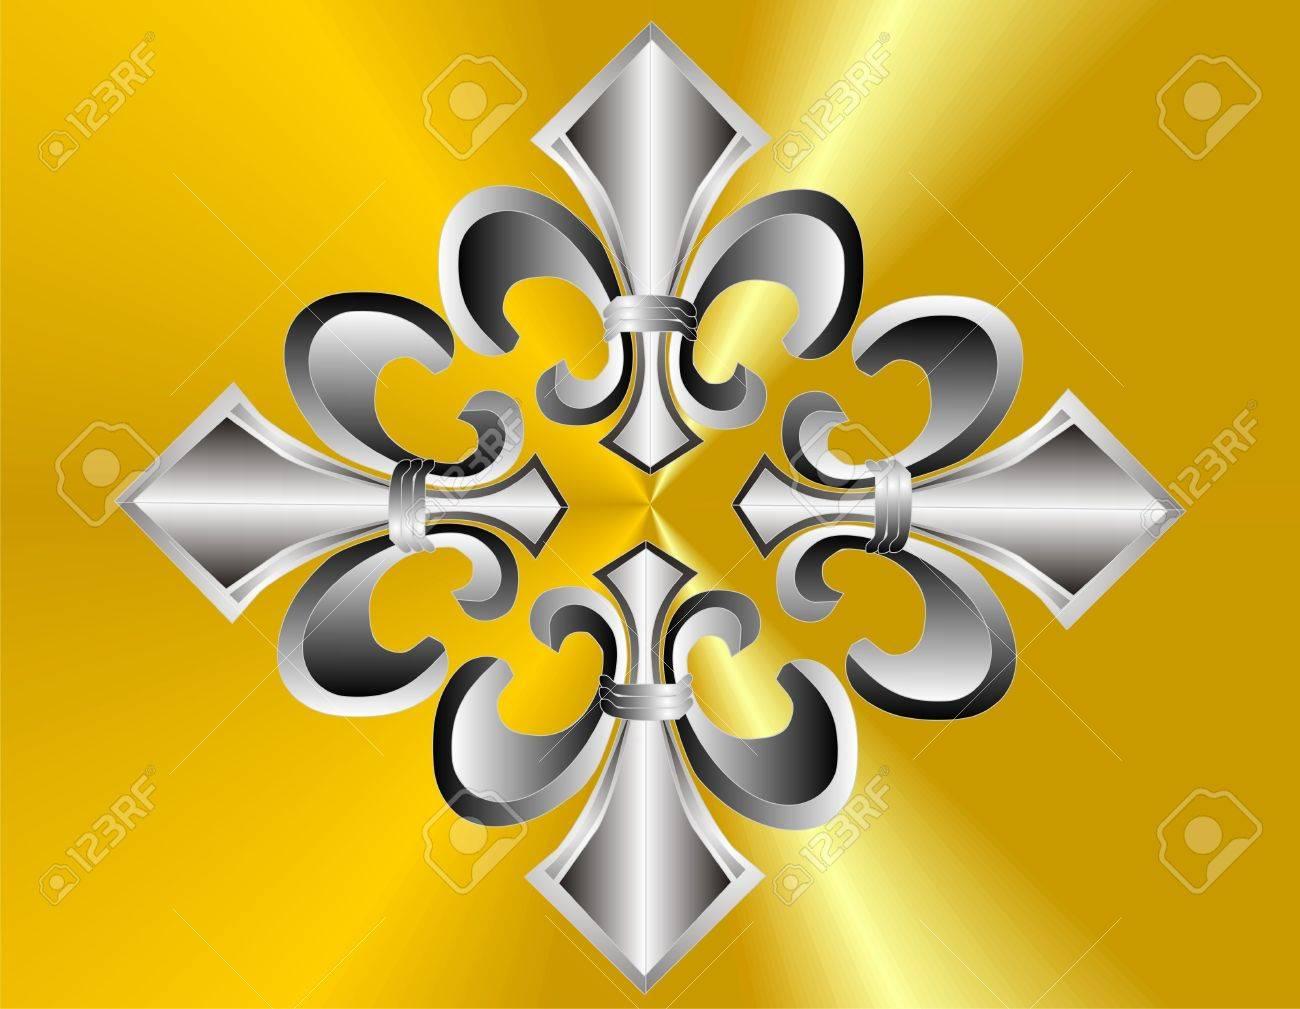 Group of 4 fluer de lis on golden background Stock Vector - 9476445